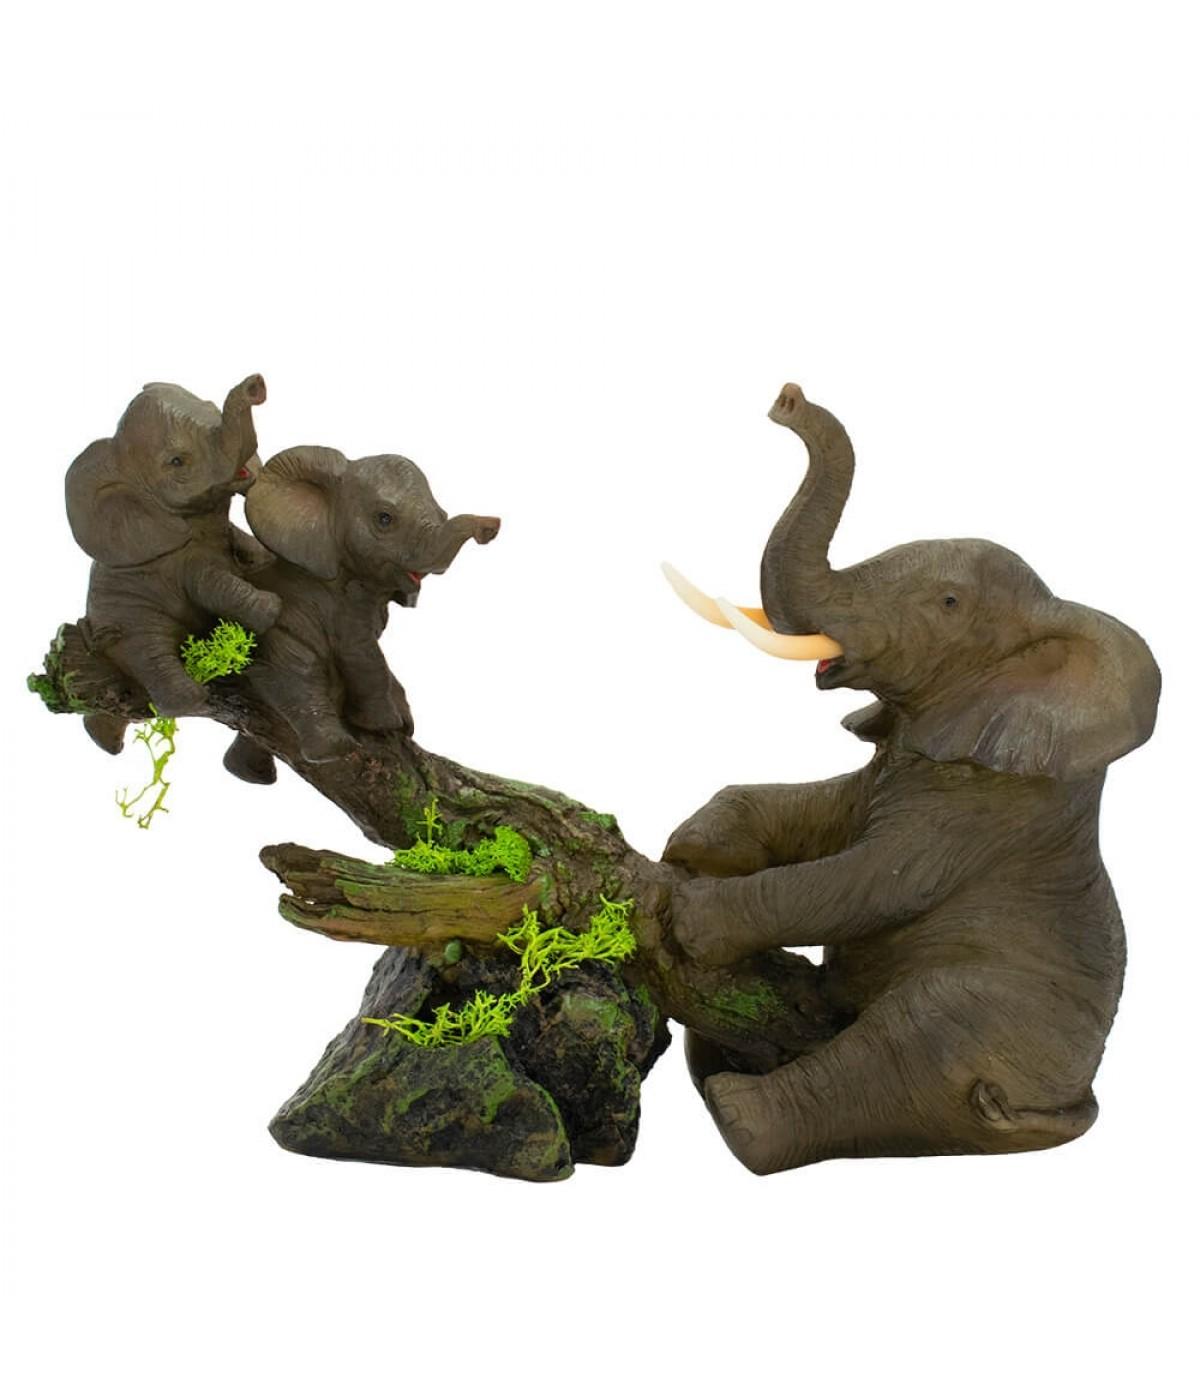 Elefante Cinza Balança Mãe Filhotes 17cm - Resina Animais